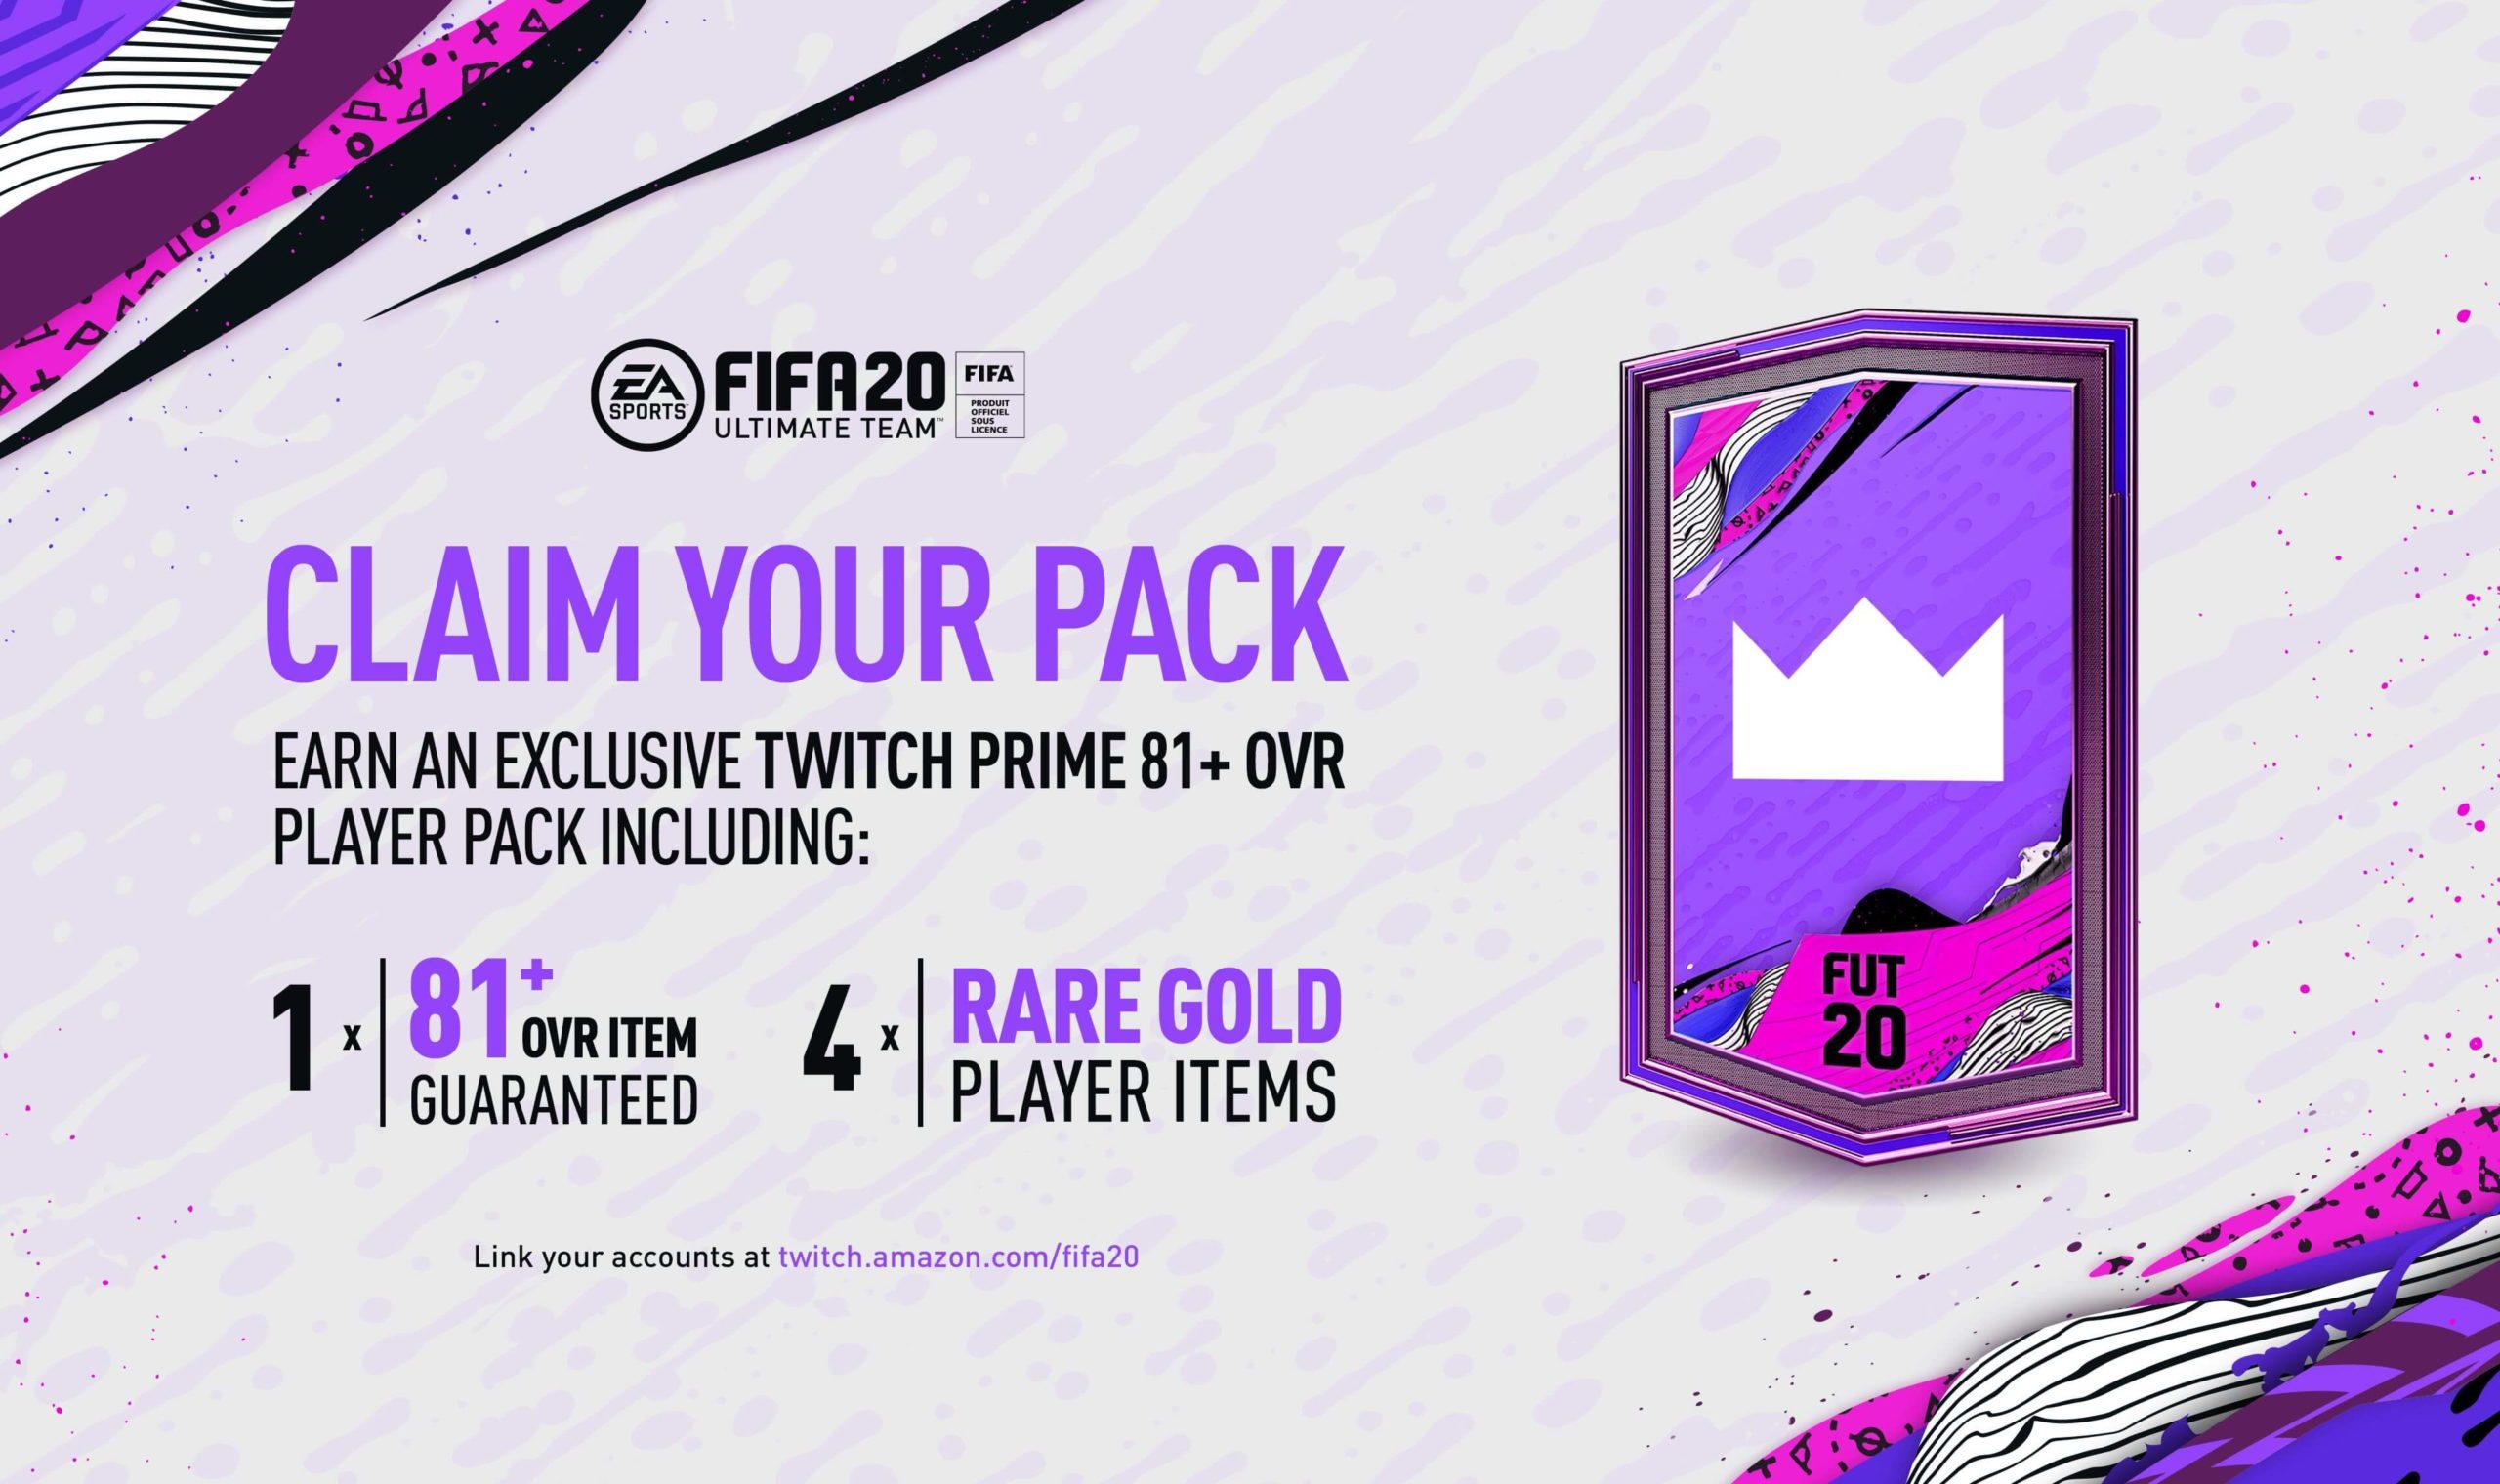 FIFA 20: come collegare account FUT a Twitch Prime per ricevere il pack omaggio